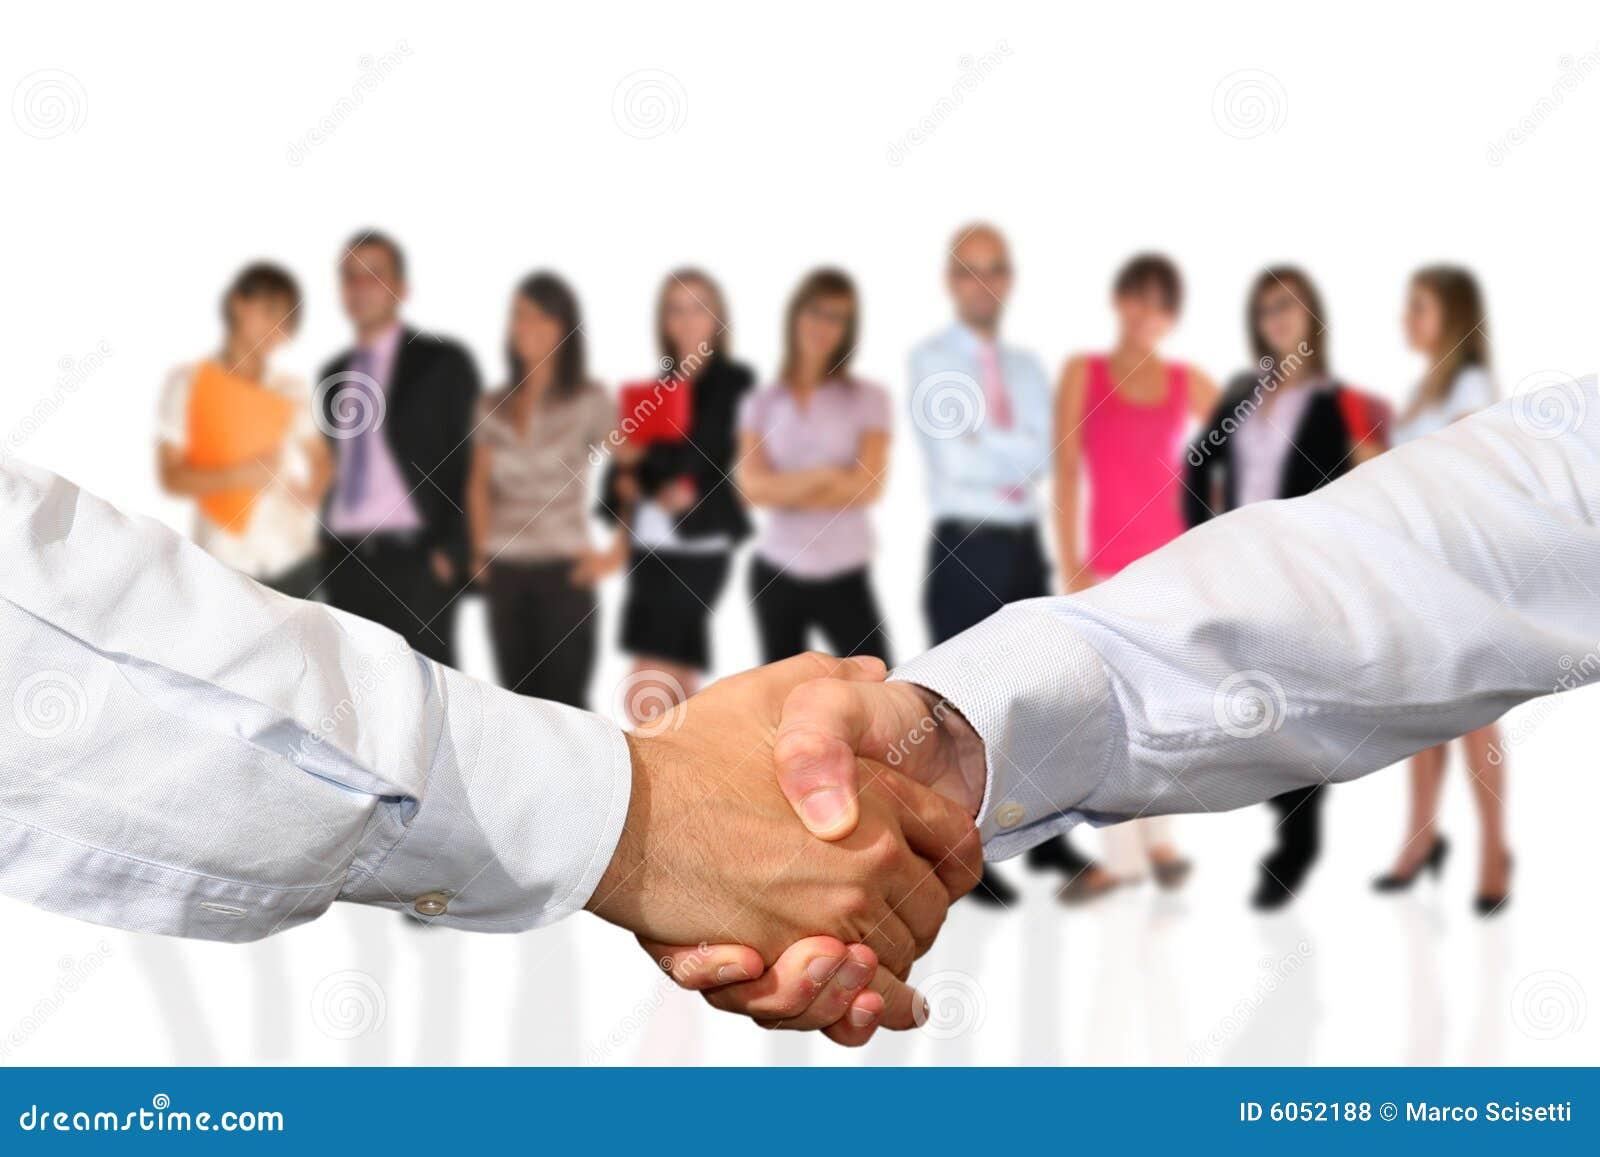 Aperto de mão e equipe do negócio